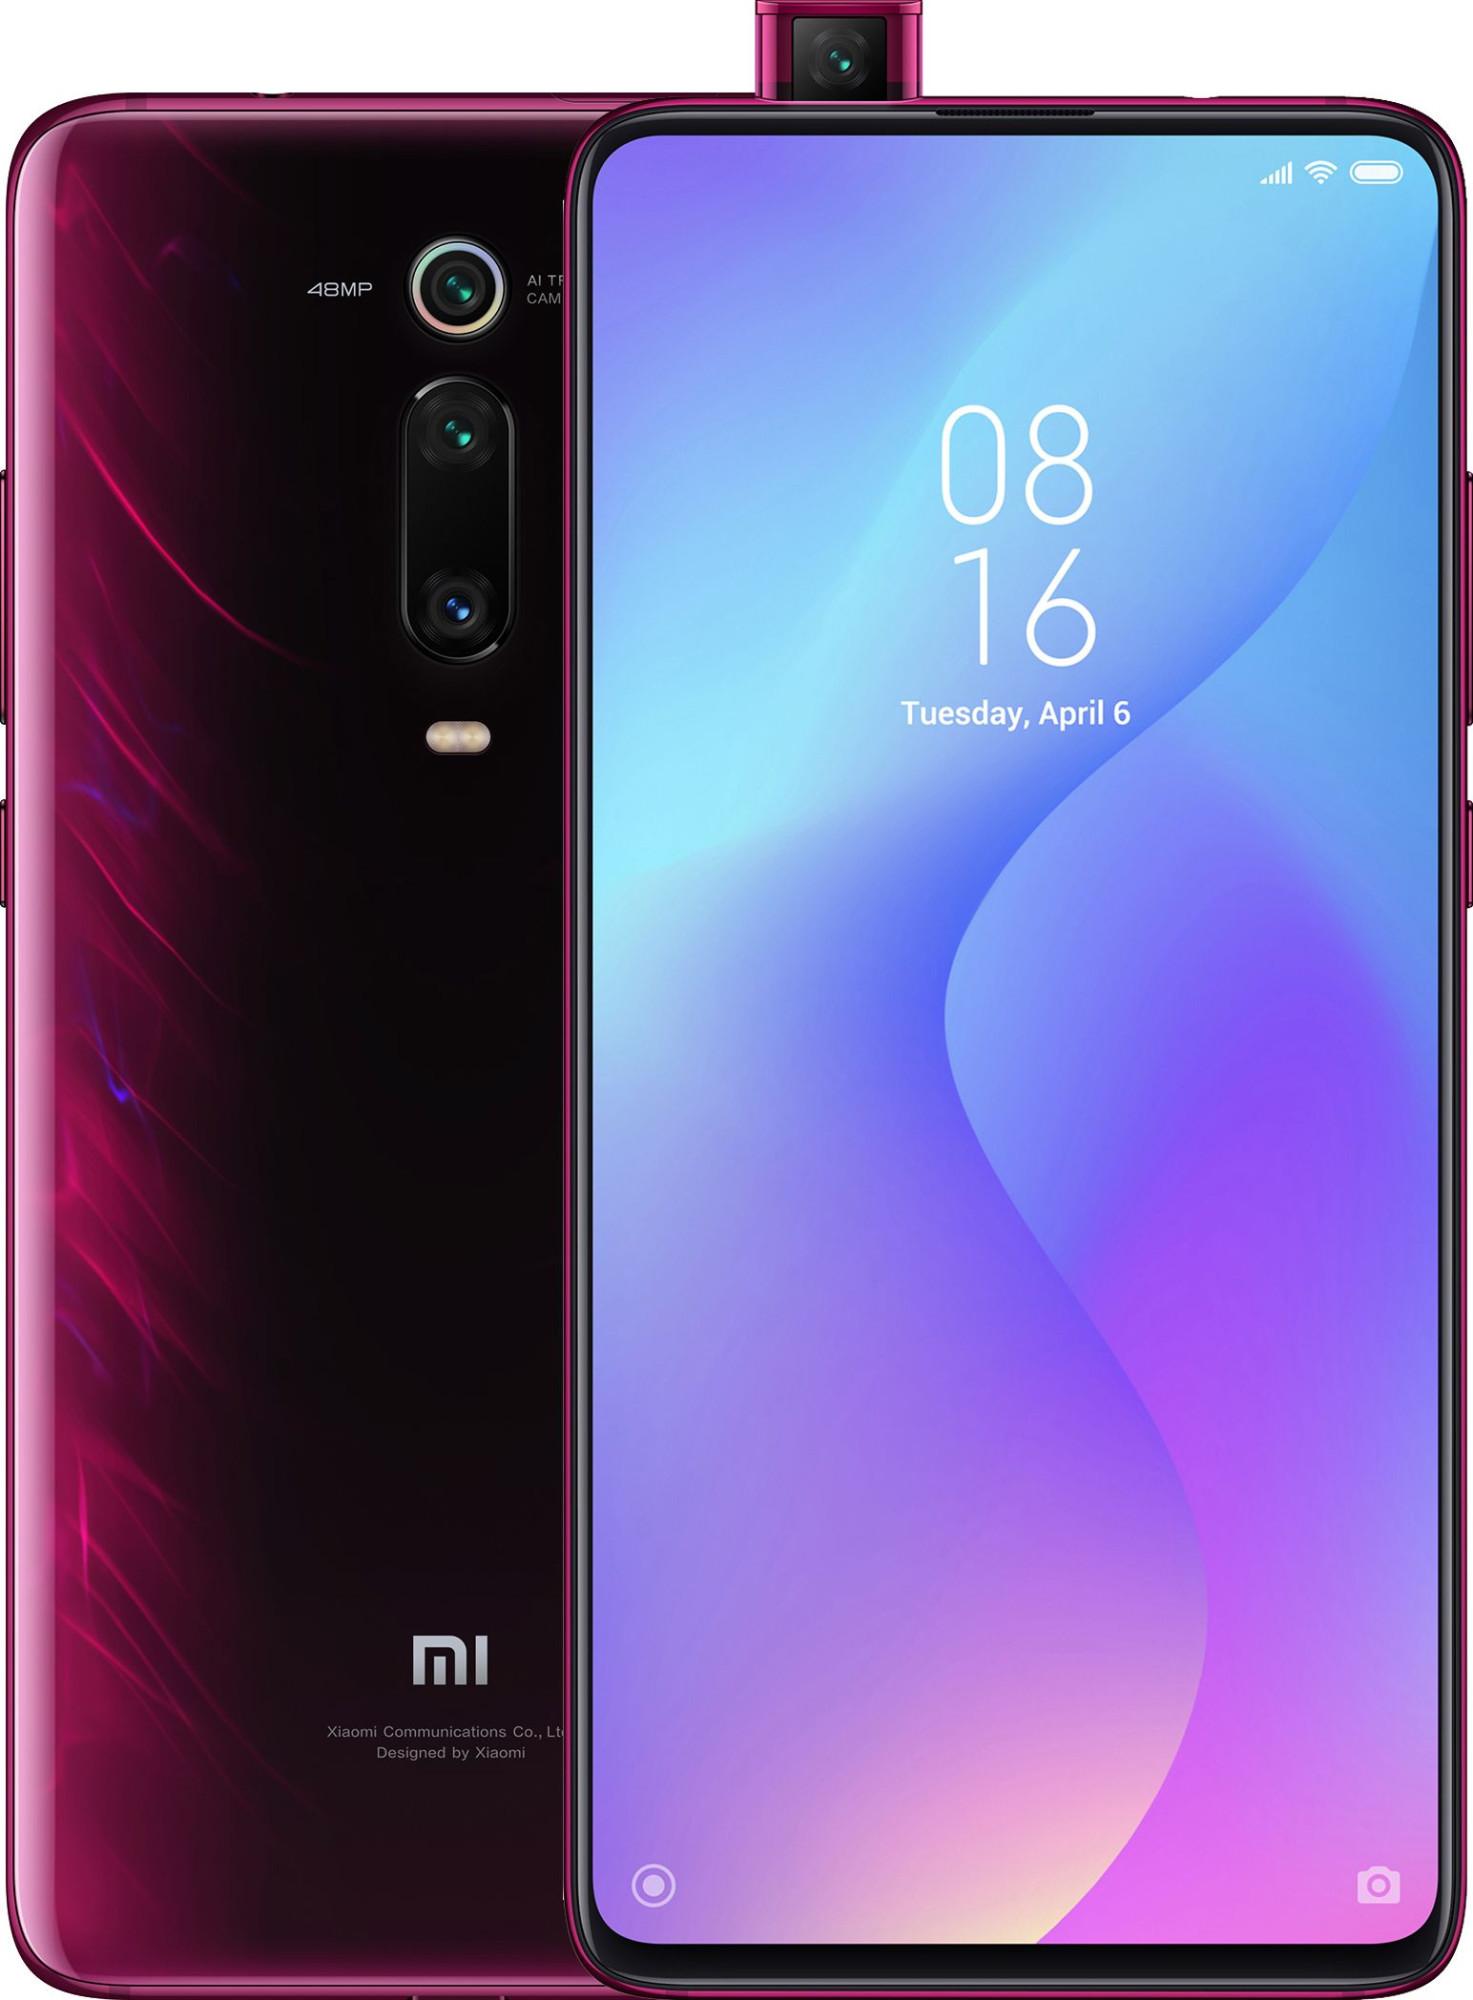 Купить Смартфон Xiaomi Mi 9T 6/64 Gb (красный) в Москве, быстрая доставка, низкие цены